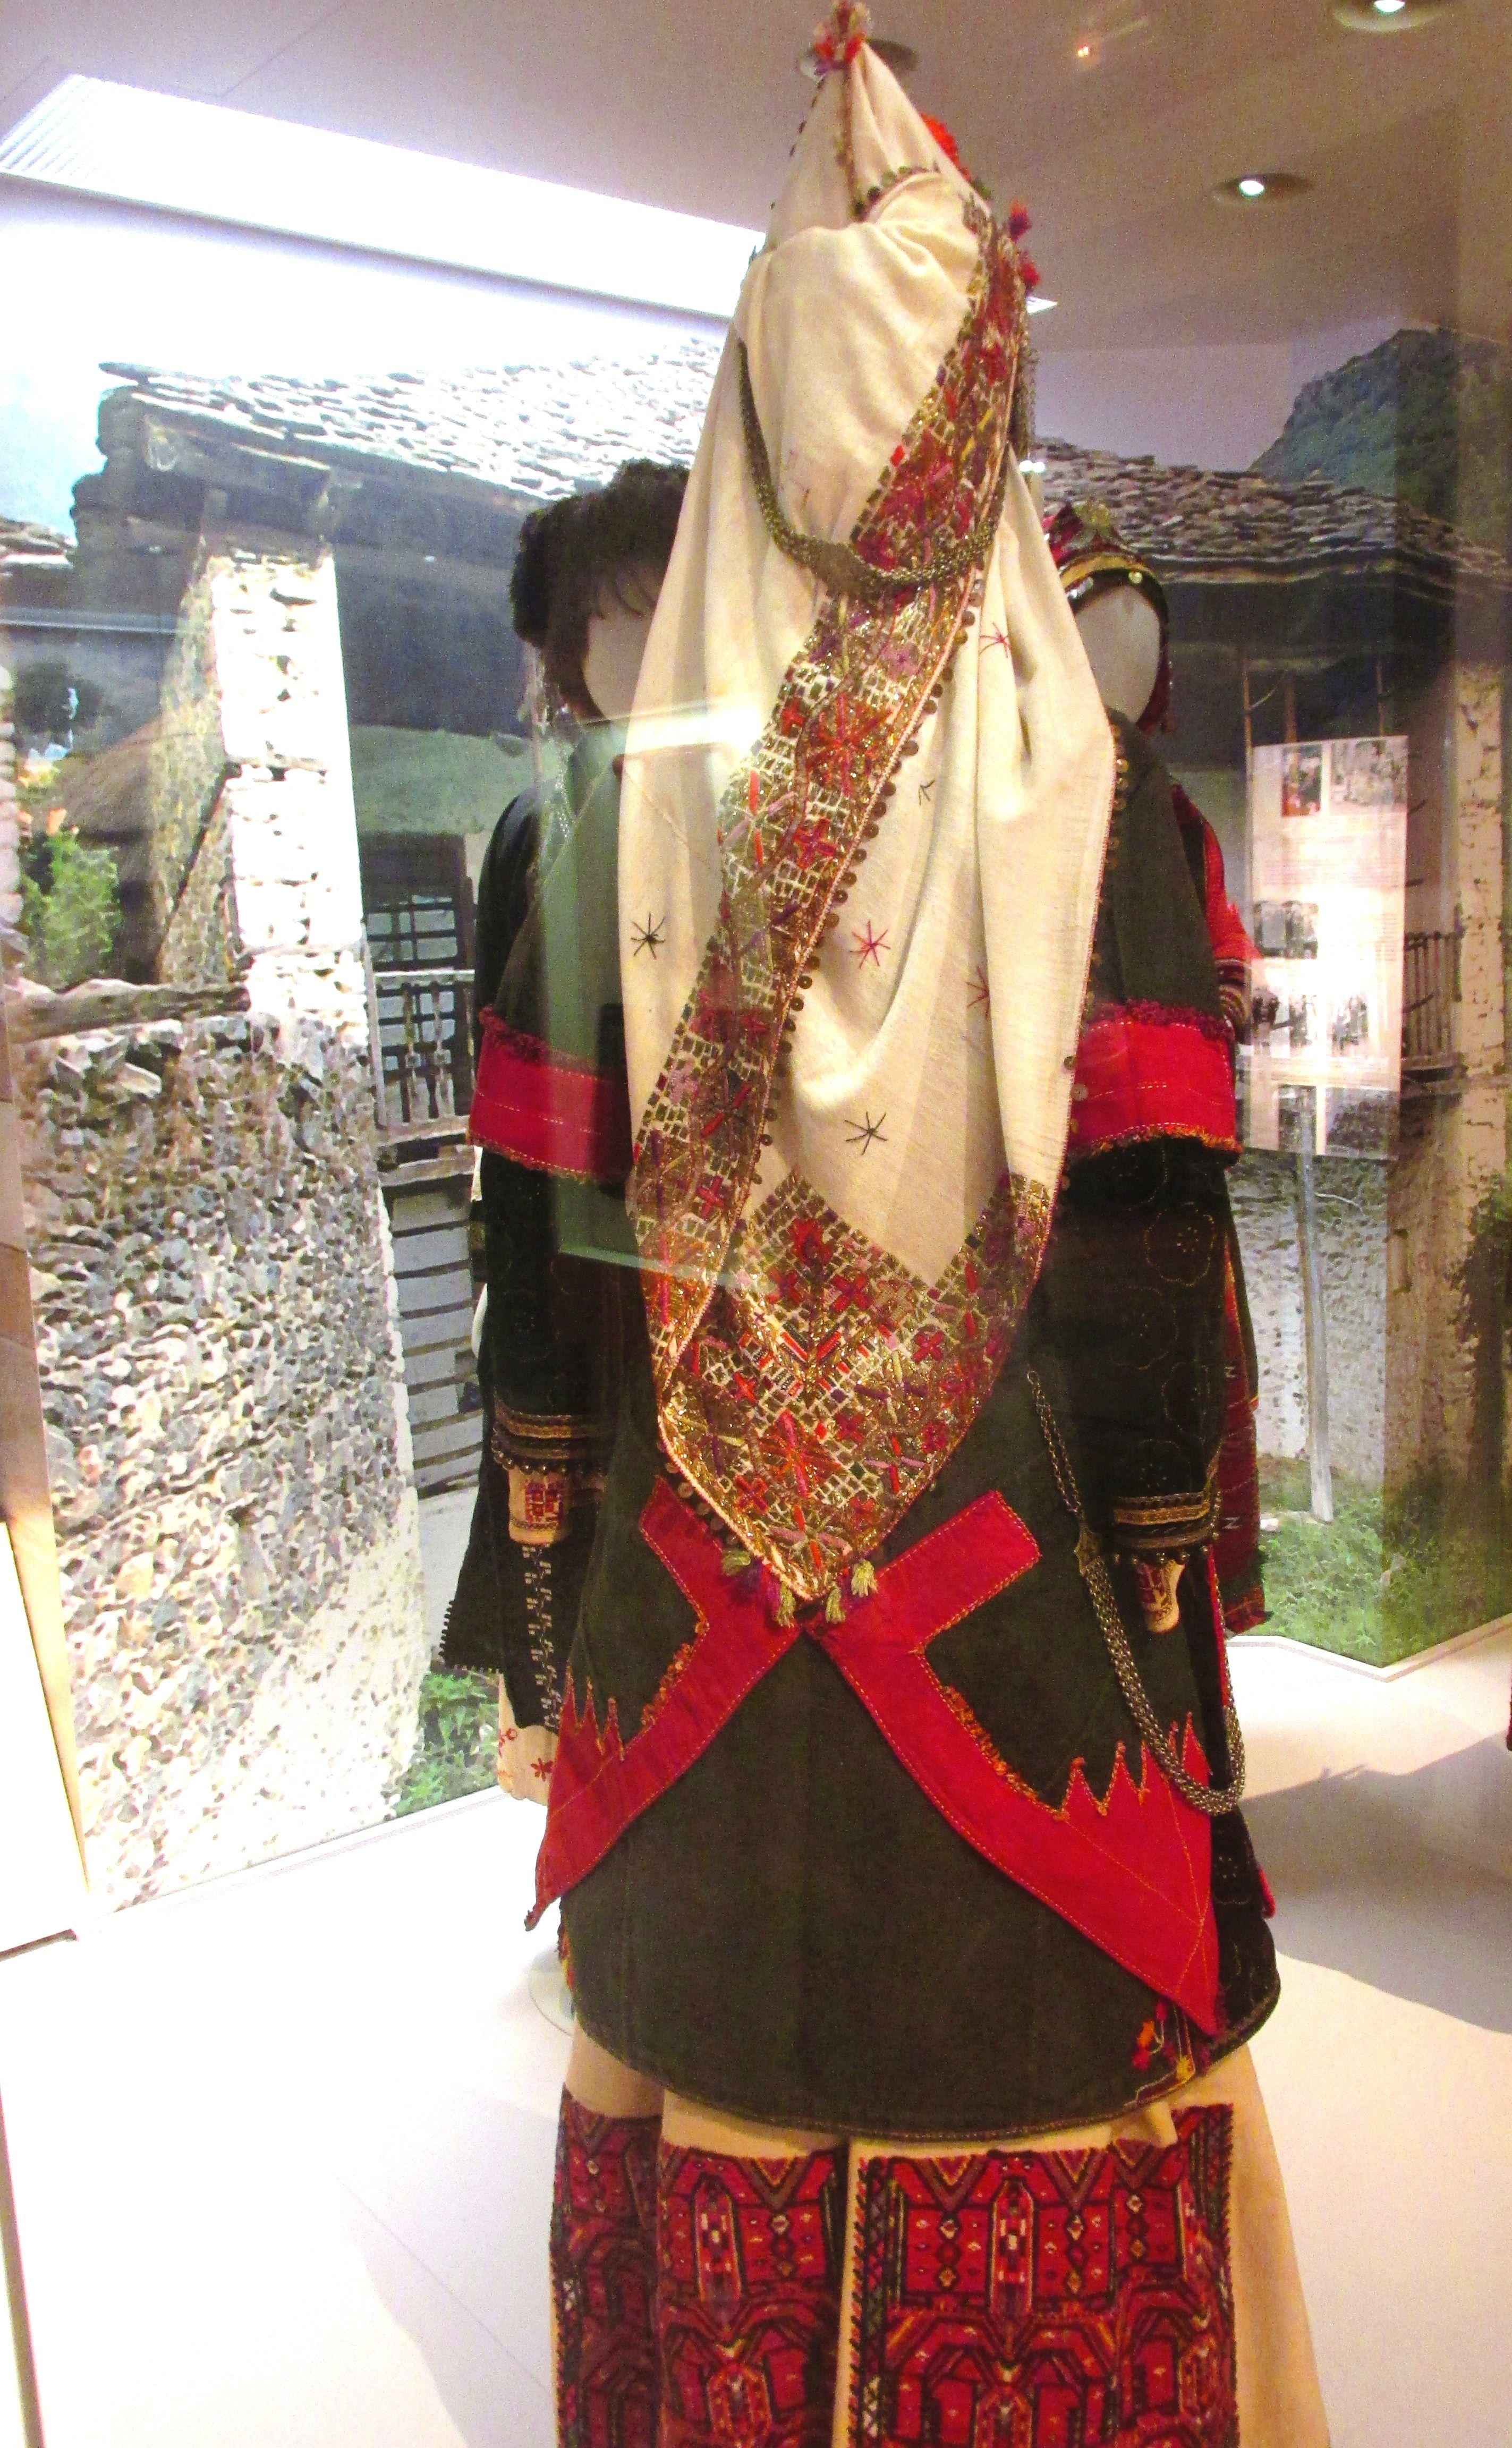 Παγκόσμια πρωτιά για την παραδοσιακή φορεσιά της Νάουσας!